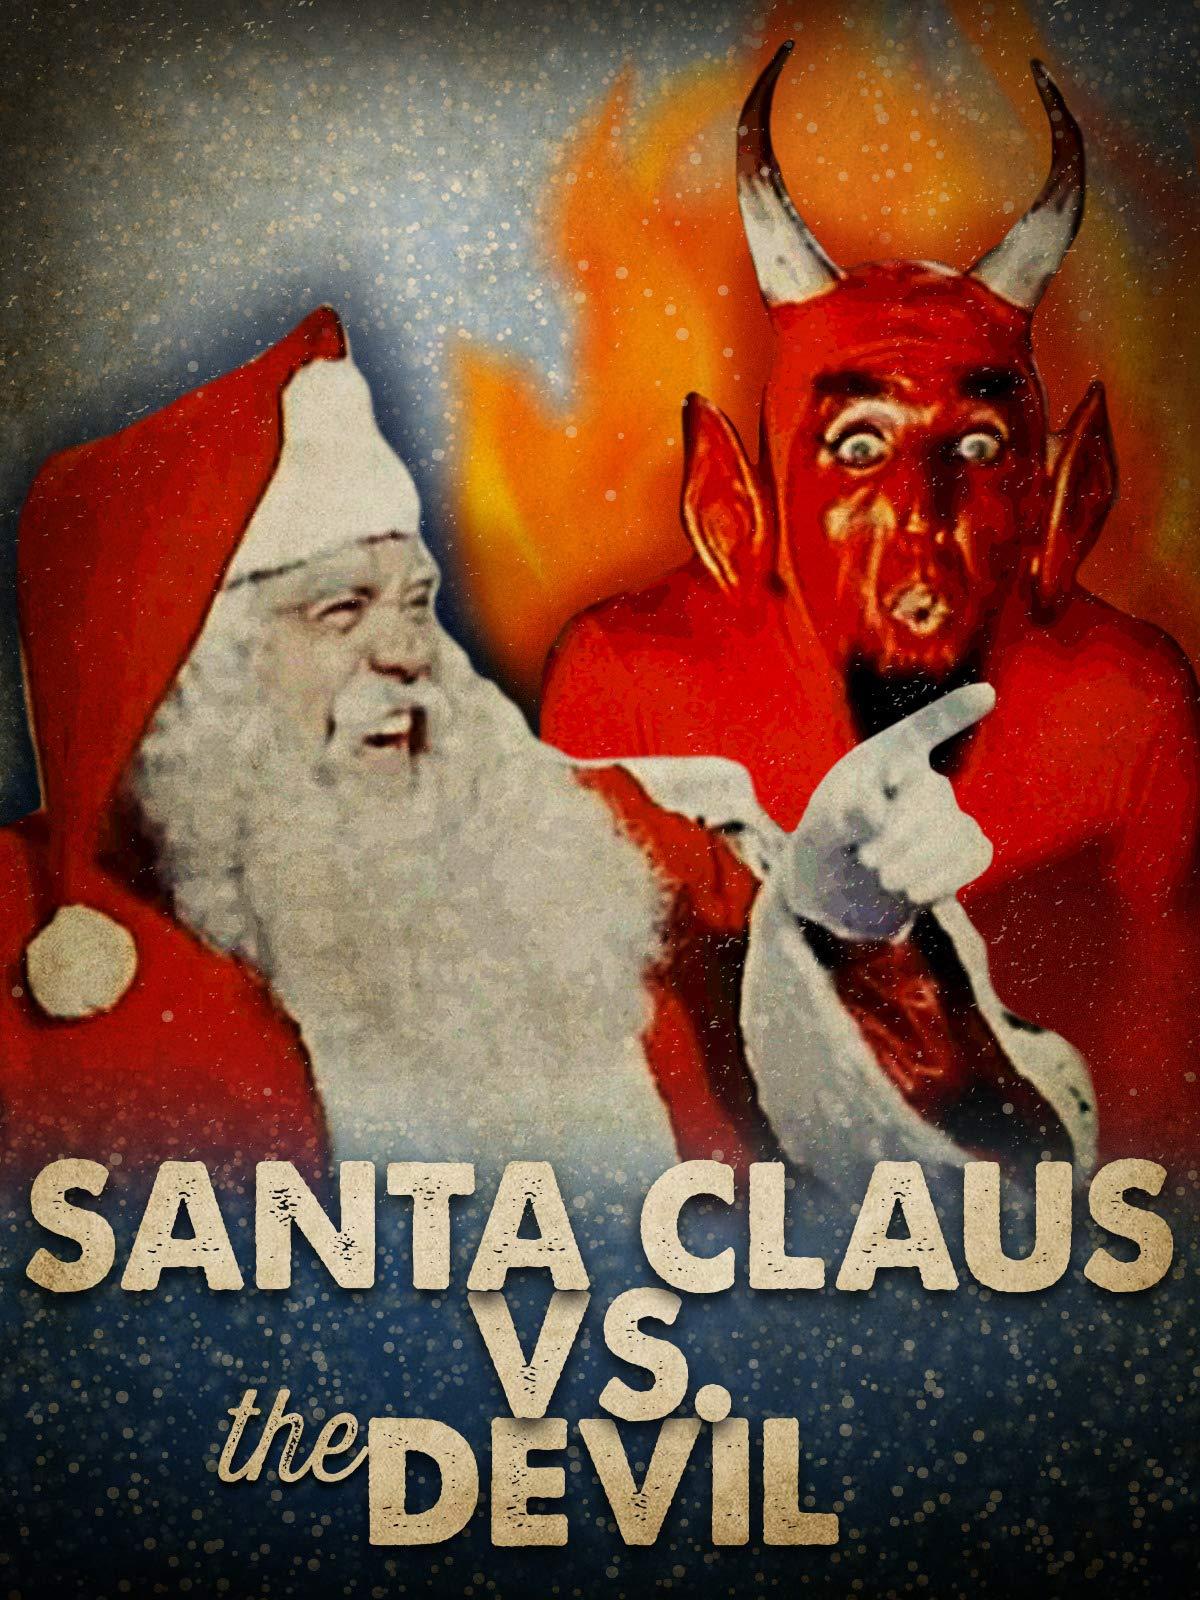 Santa Claus vs The Devil